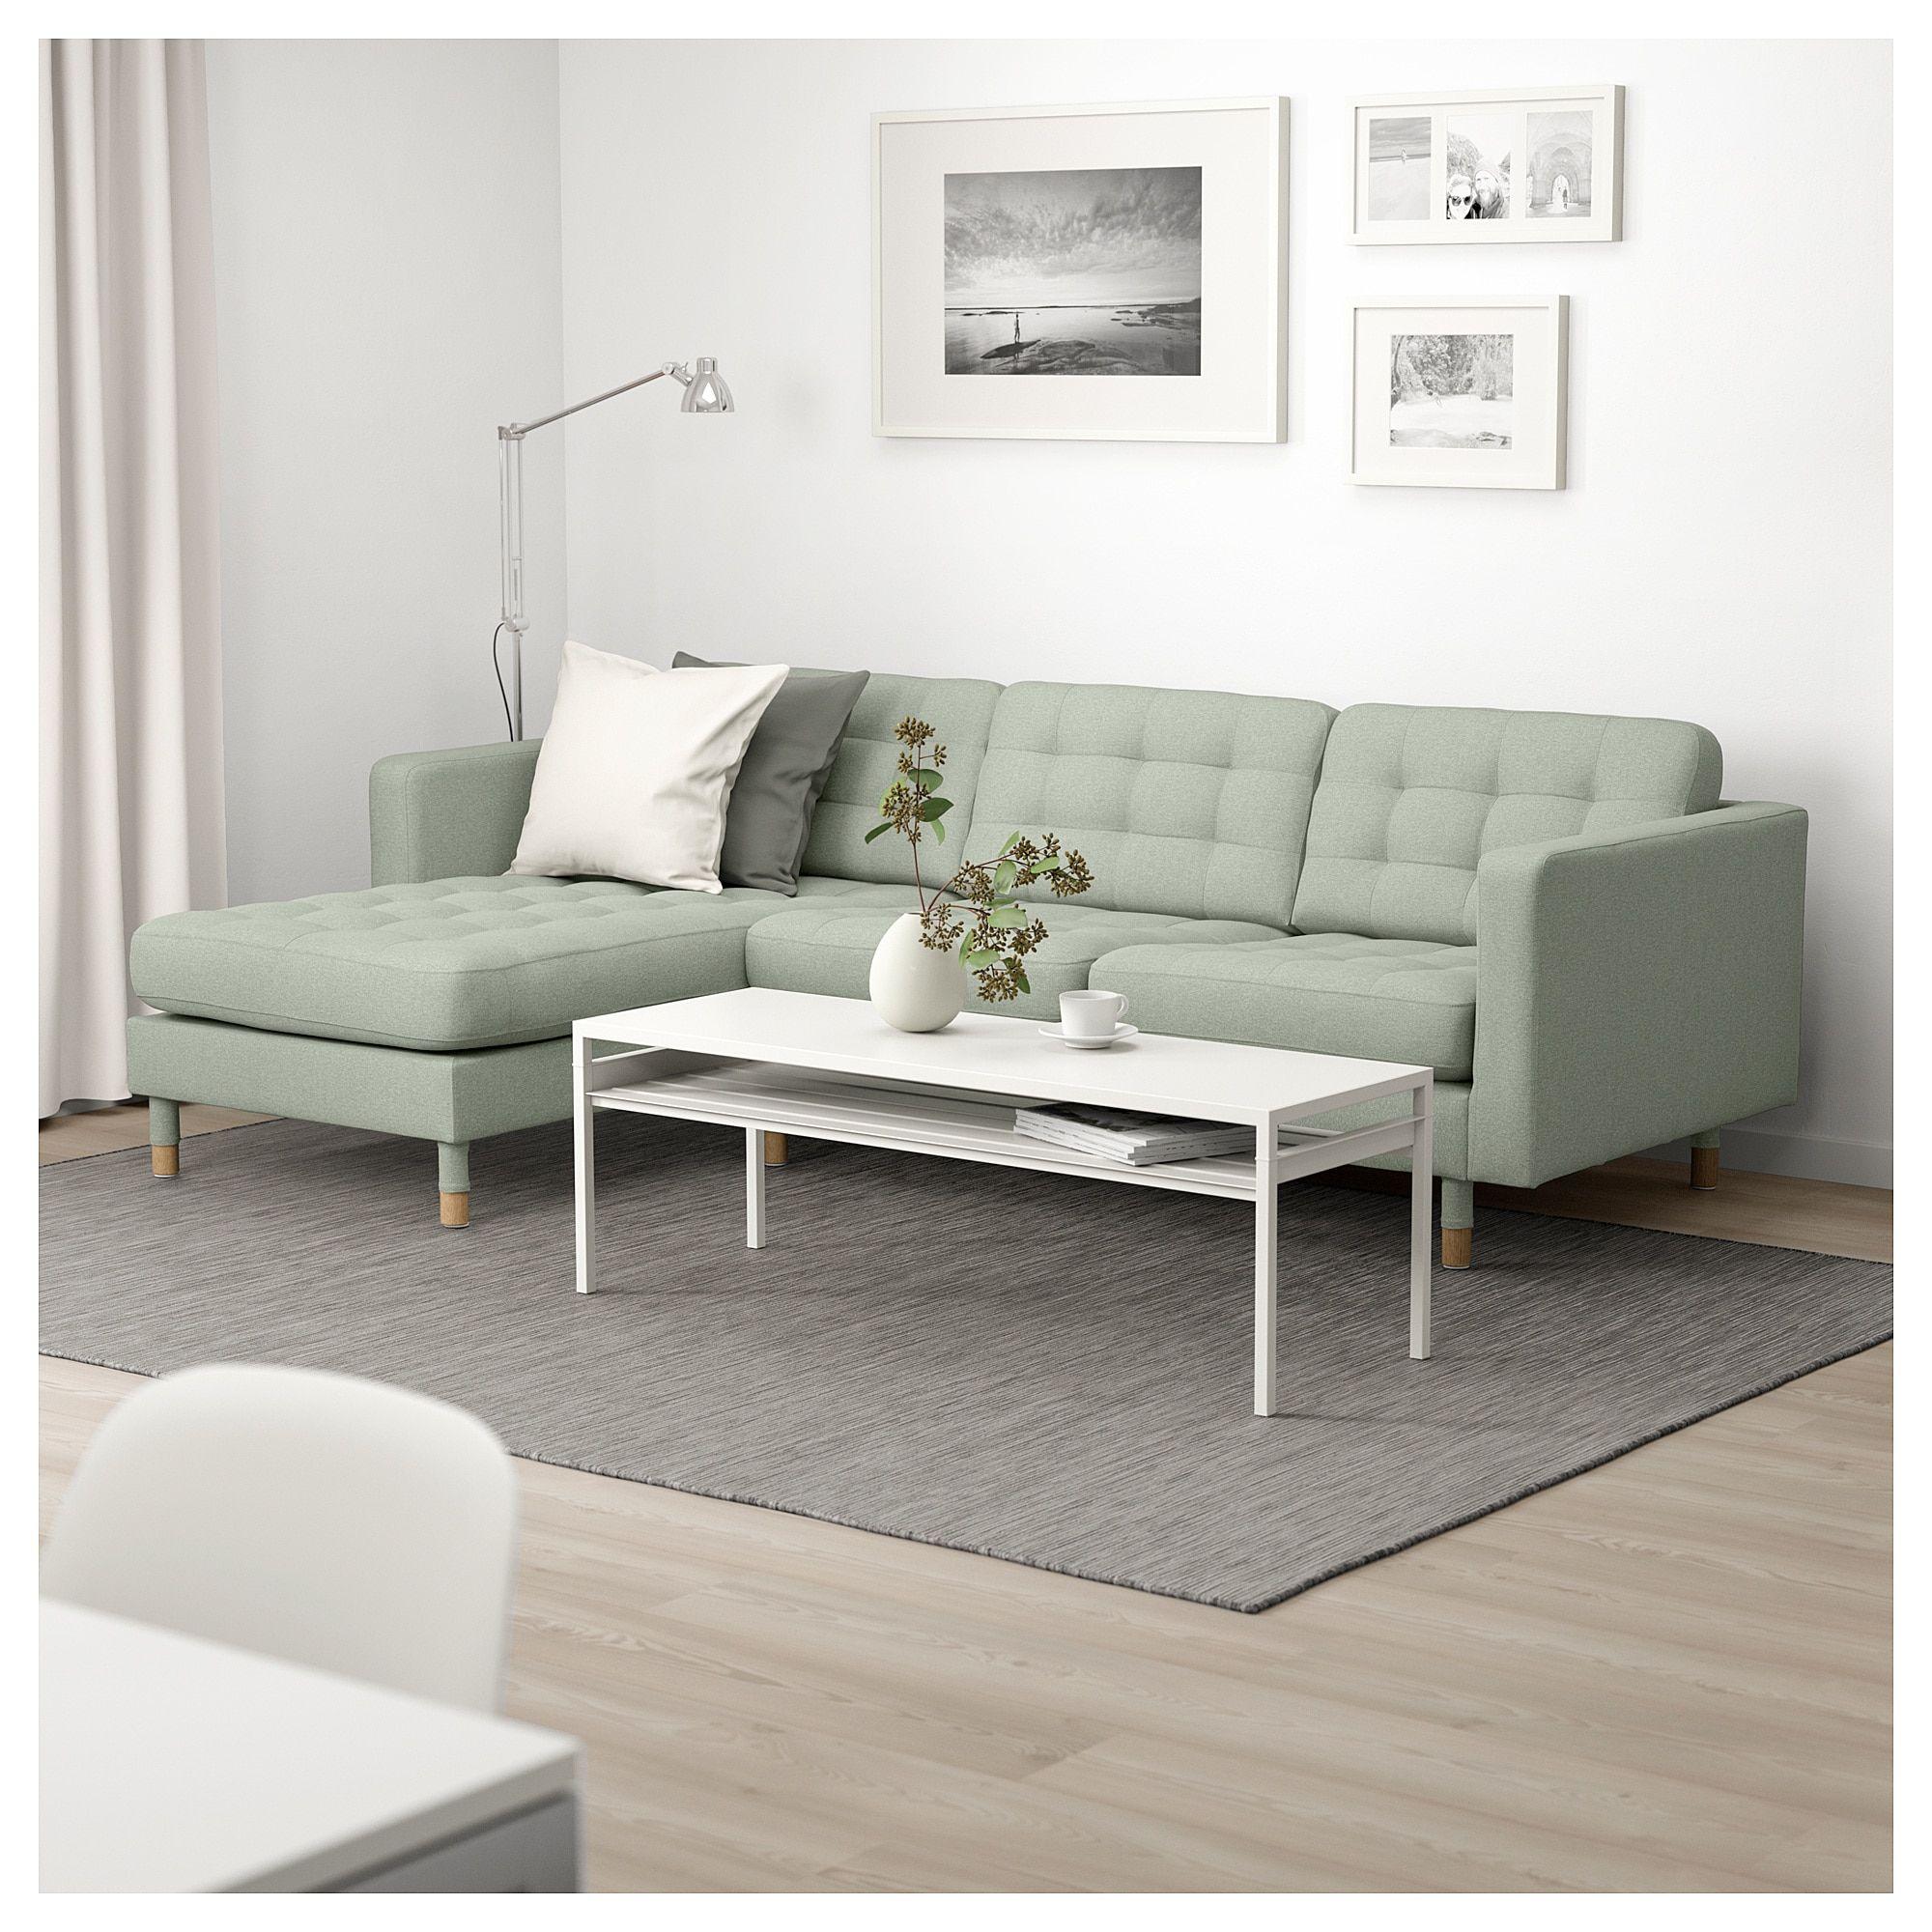 Furniture Home Furnishings Find Your Inspiration Brown Living Room Decor Landskrona Sofa Landskrona